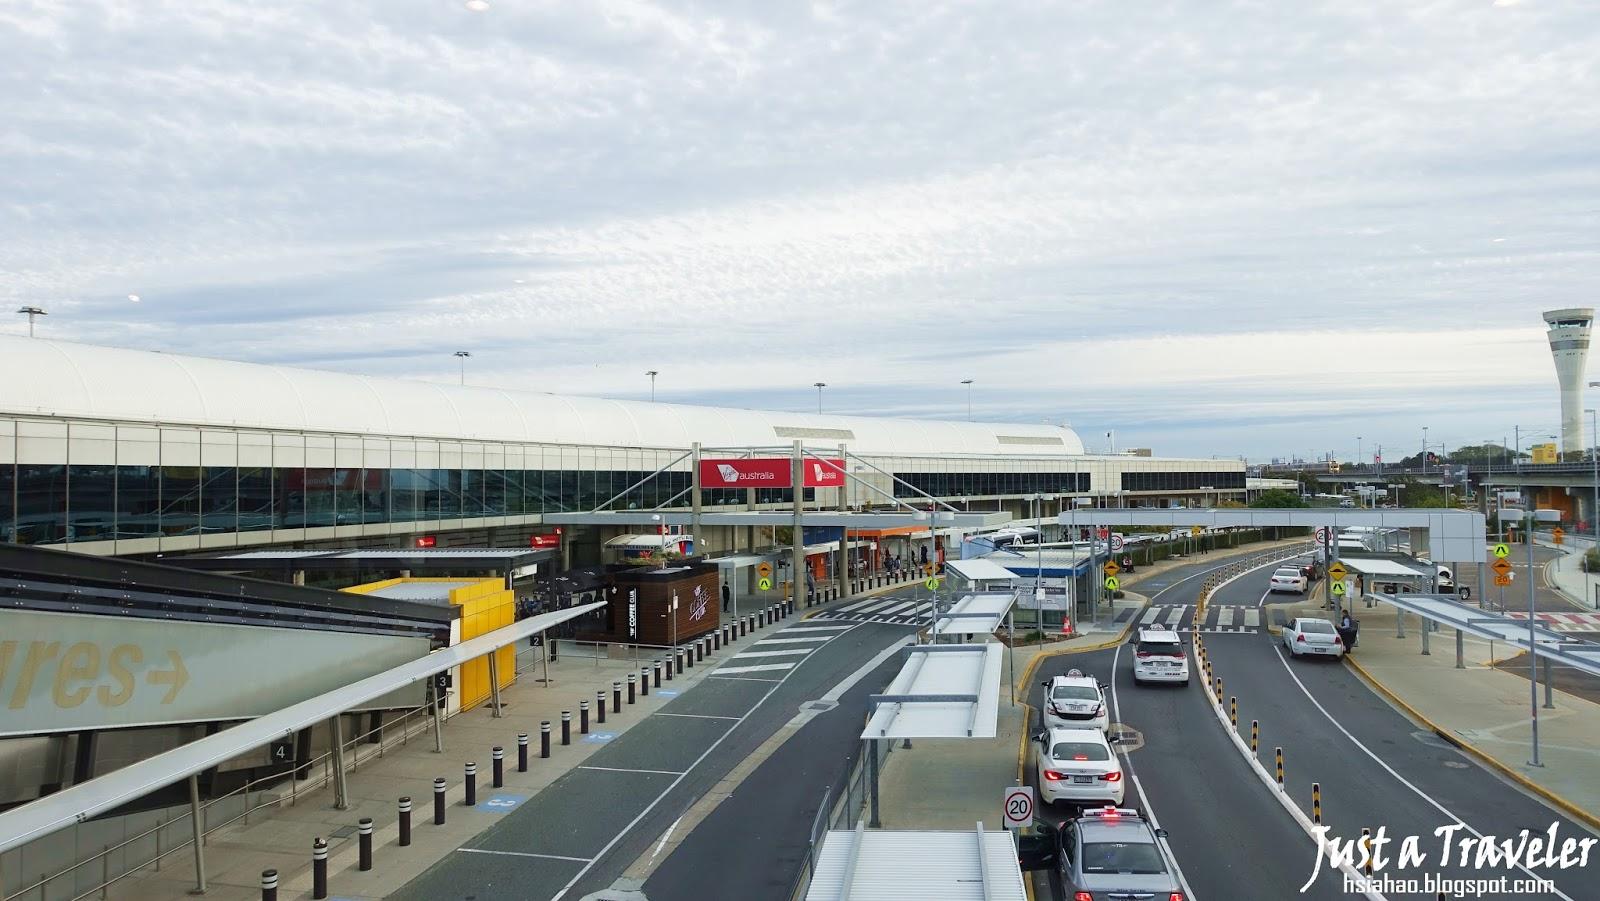 澳洲-廉航-廉價航空-布里斯本-國內線機場-塔斯馬尼亞-捷星-維珍-機票-訂票-Australia-Budget-Airline-Brisbane-Tasmania-Jetstar-Virgin